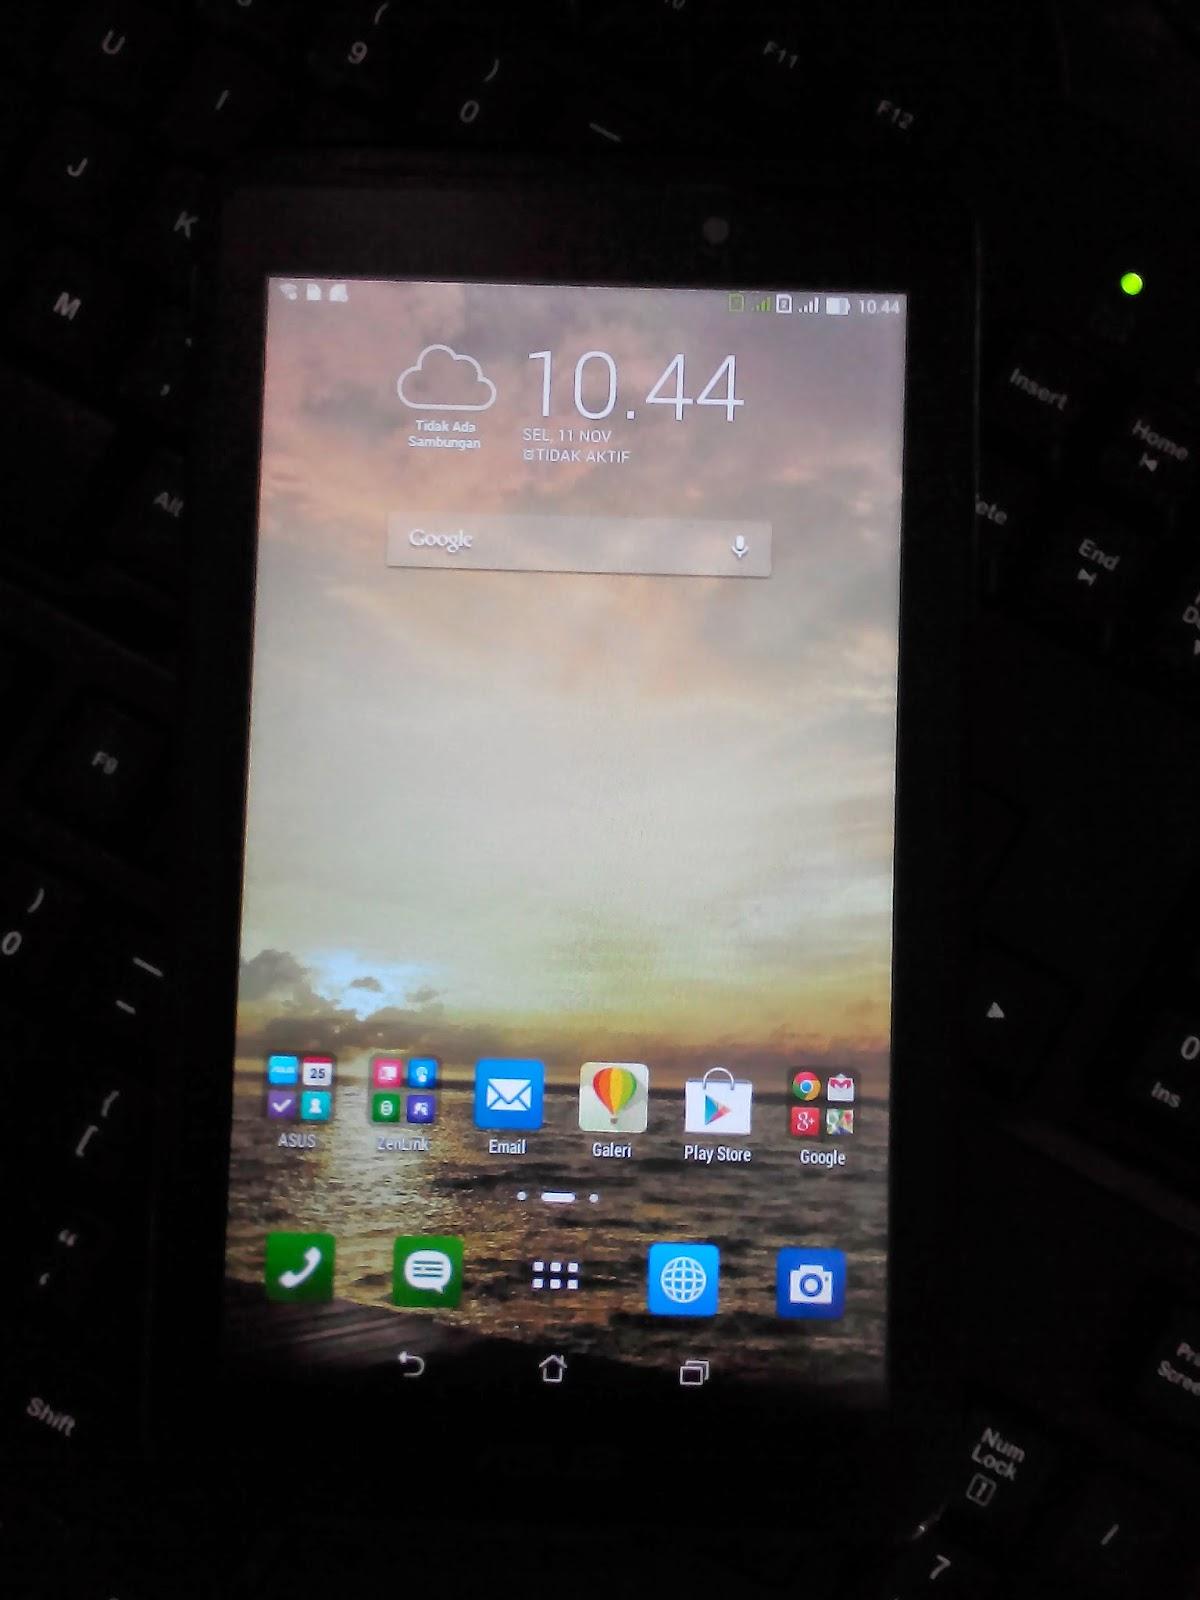 Cara Mengembalikan Imei Zenfone 4 Hilang Miostfu Asus Fonepad 7 Fe170cg 8gb Putih Bootloop